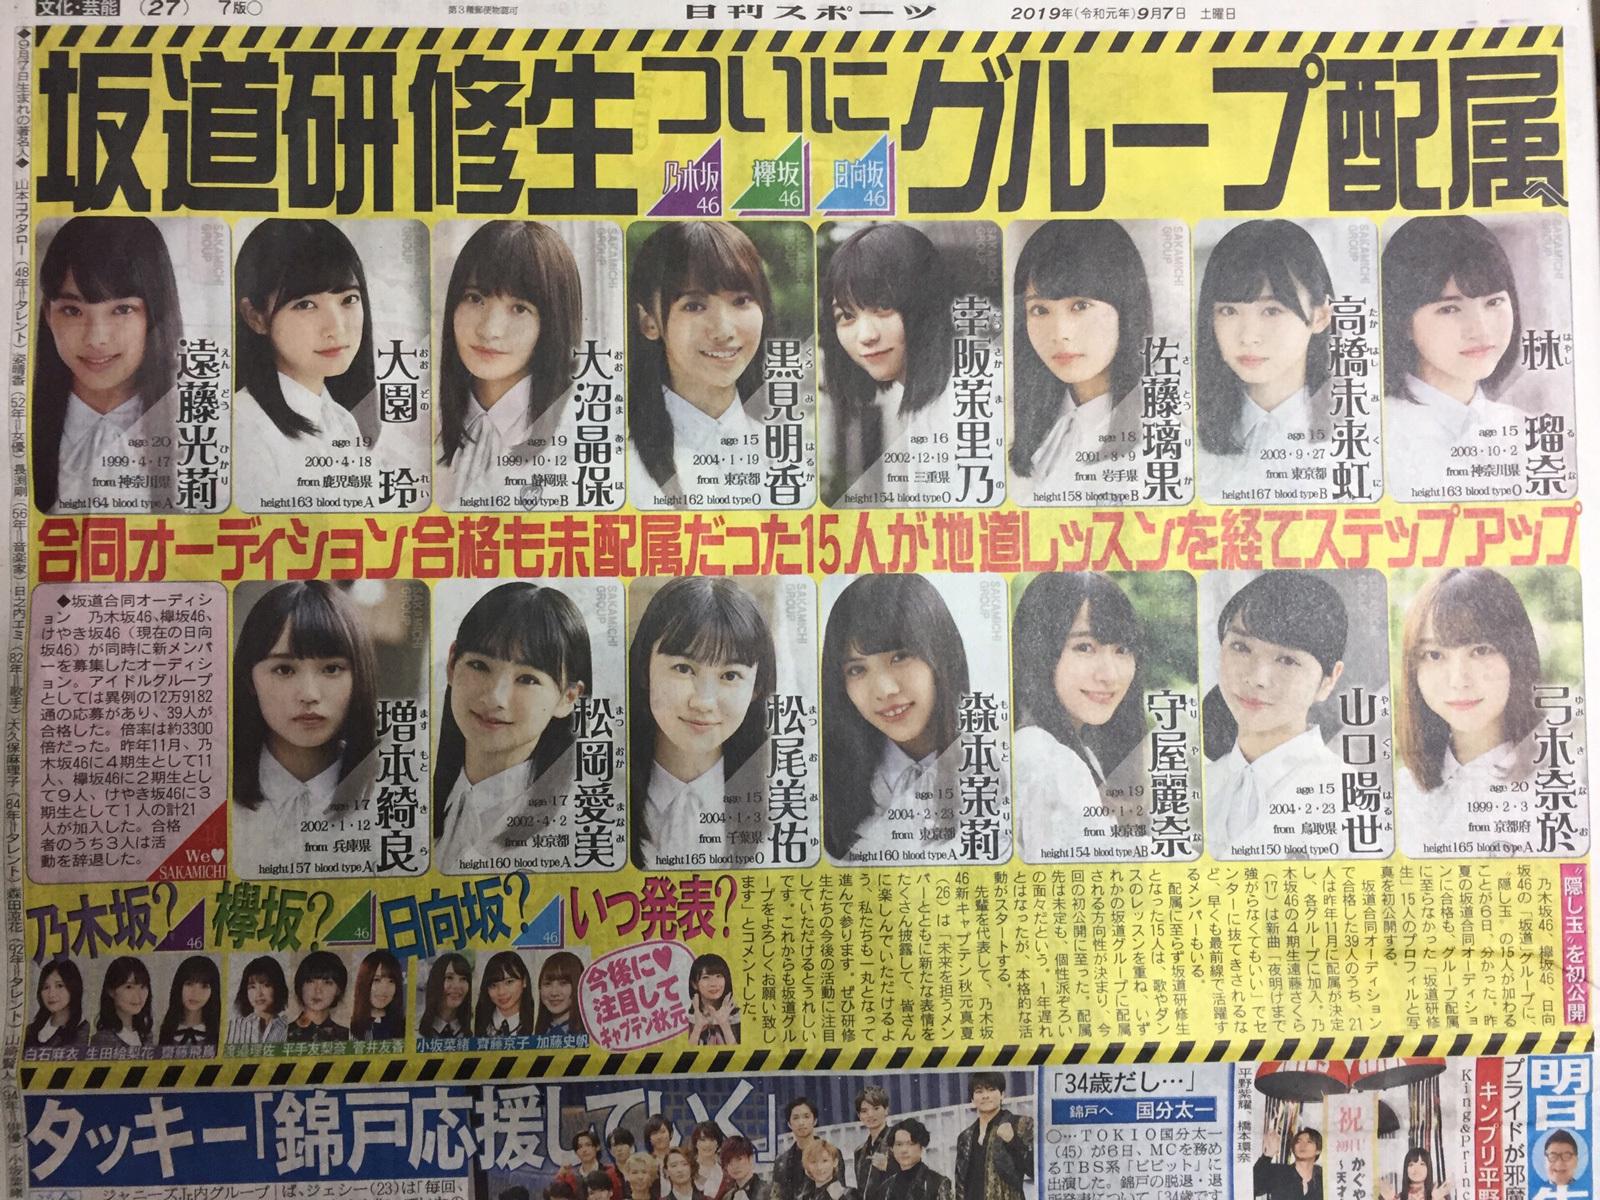 坂道研修生15人のプロフィールと写真